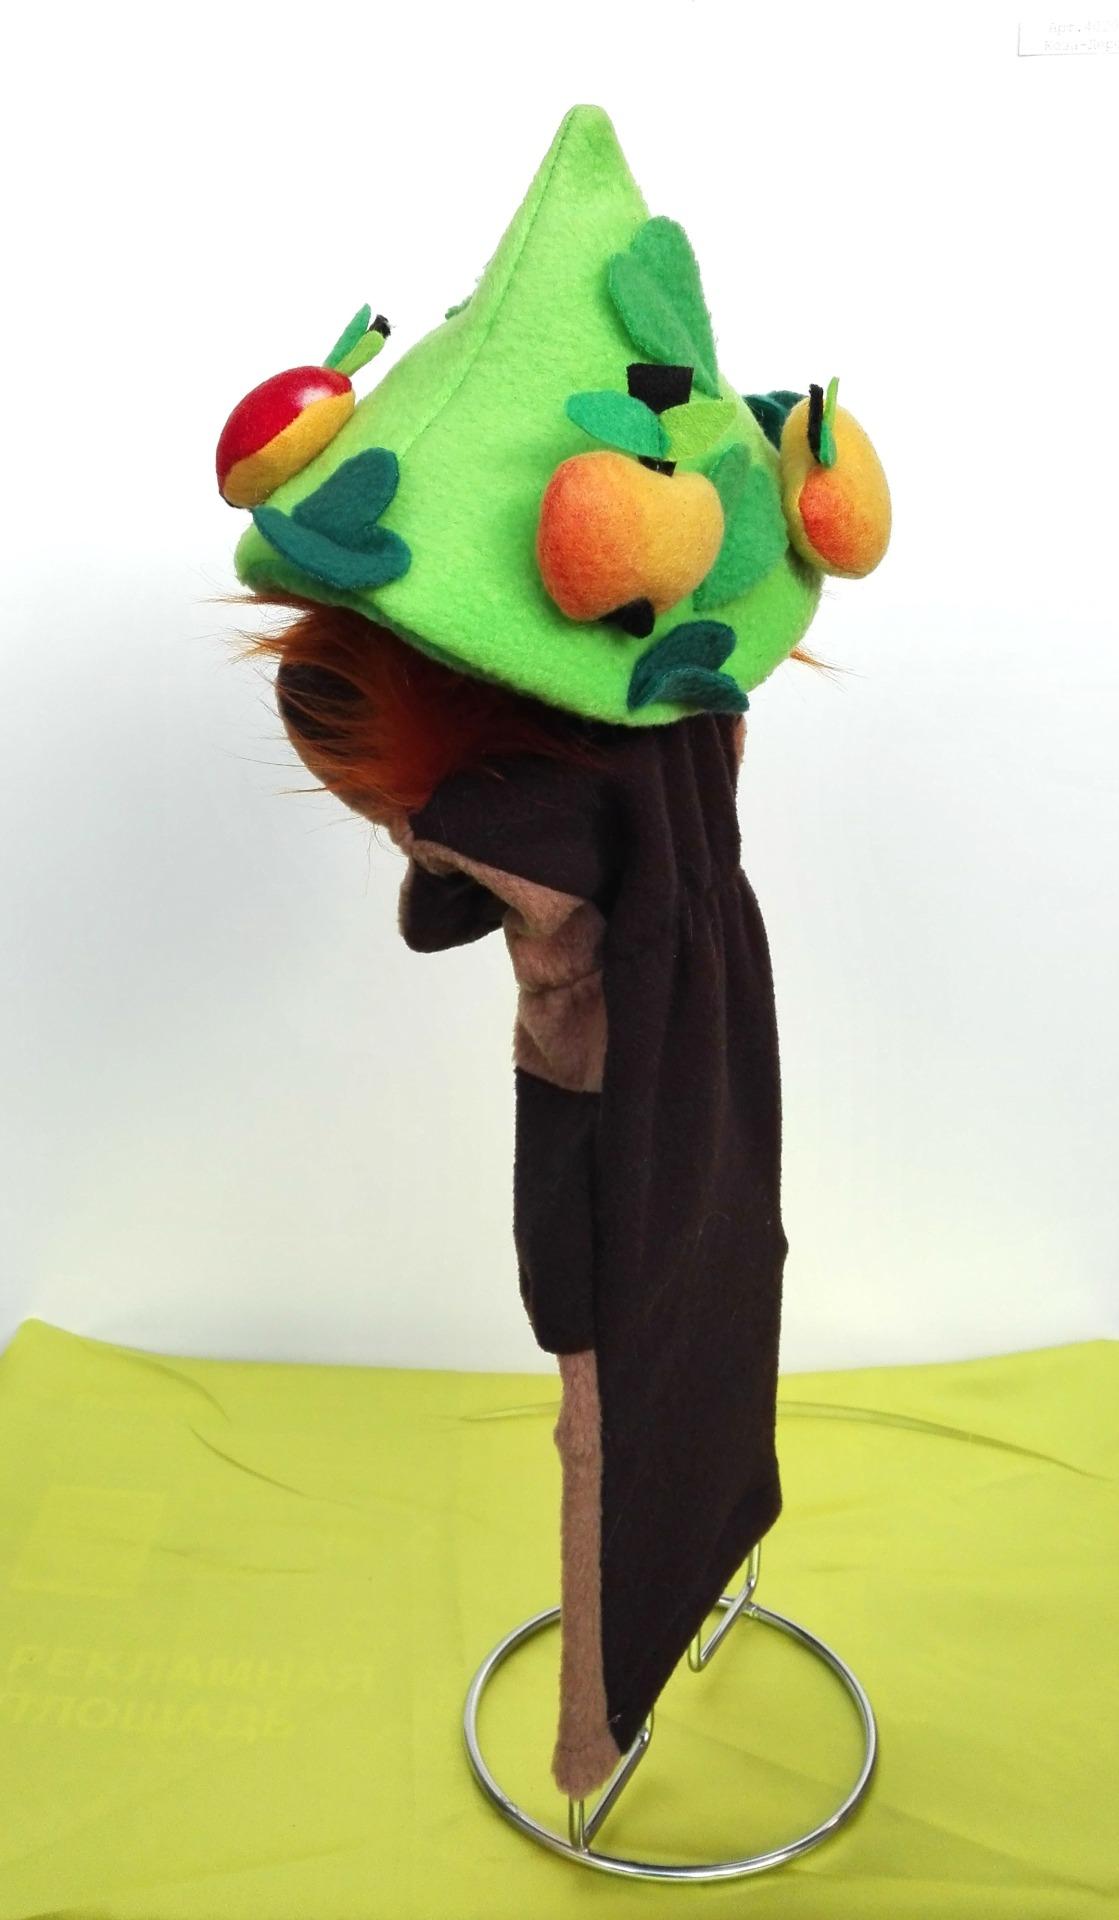 Дерево с открывающимся ртом кукла для кукольного театра маппет